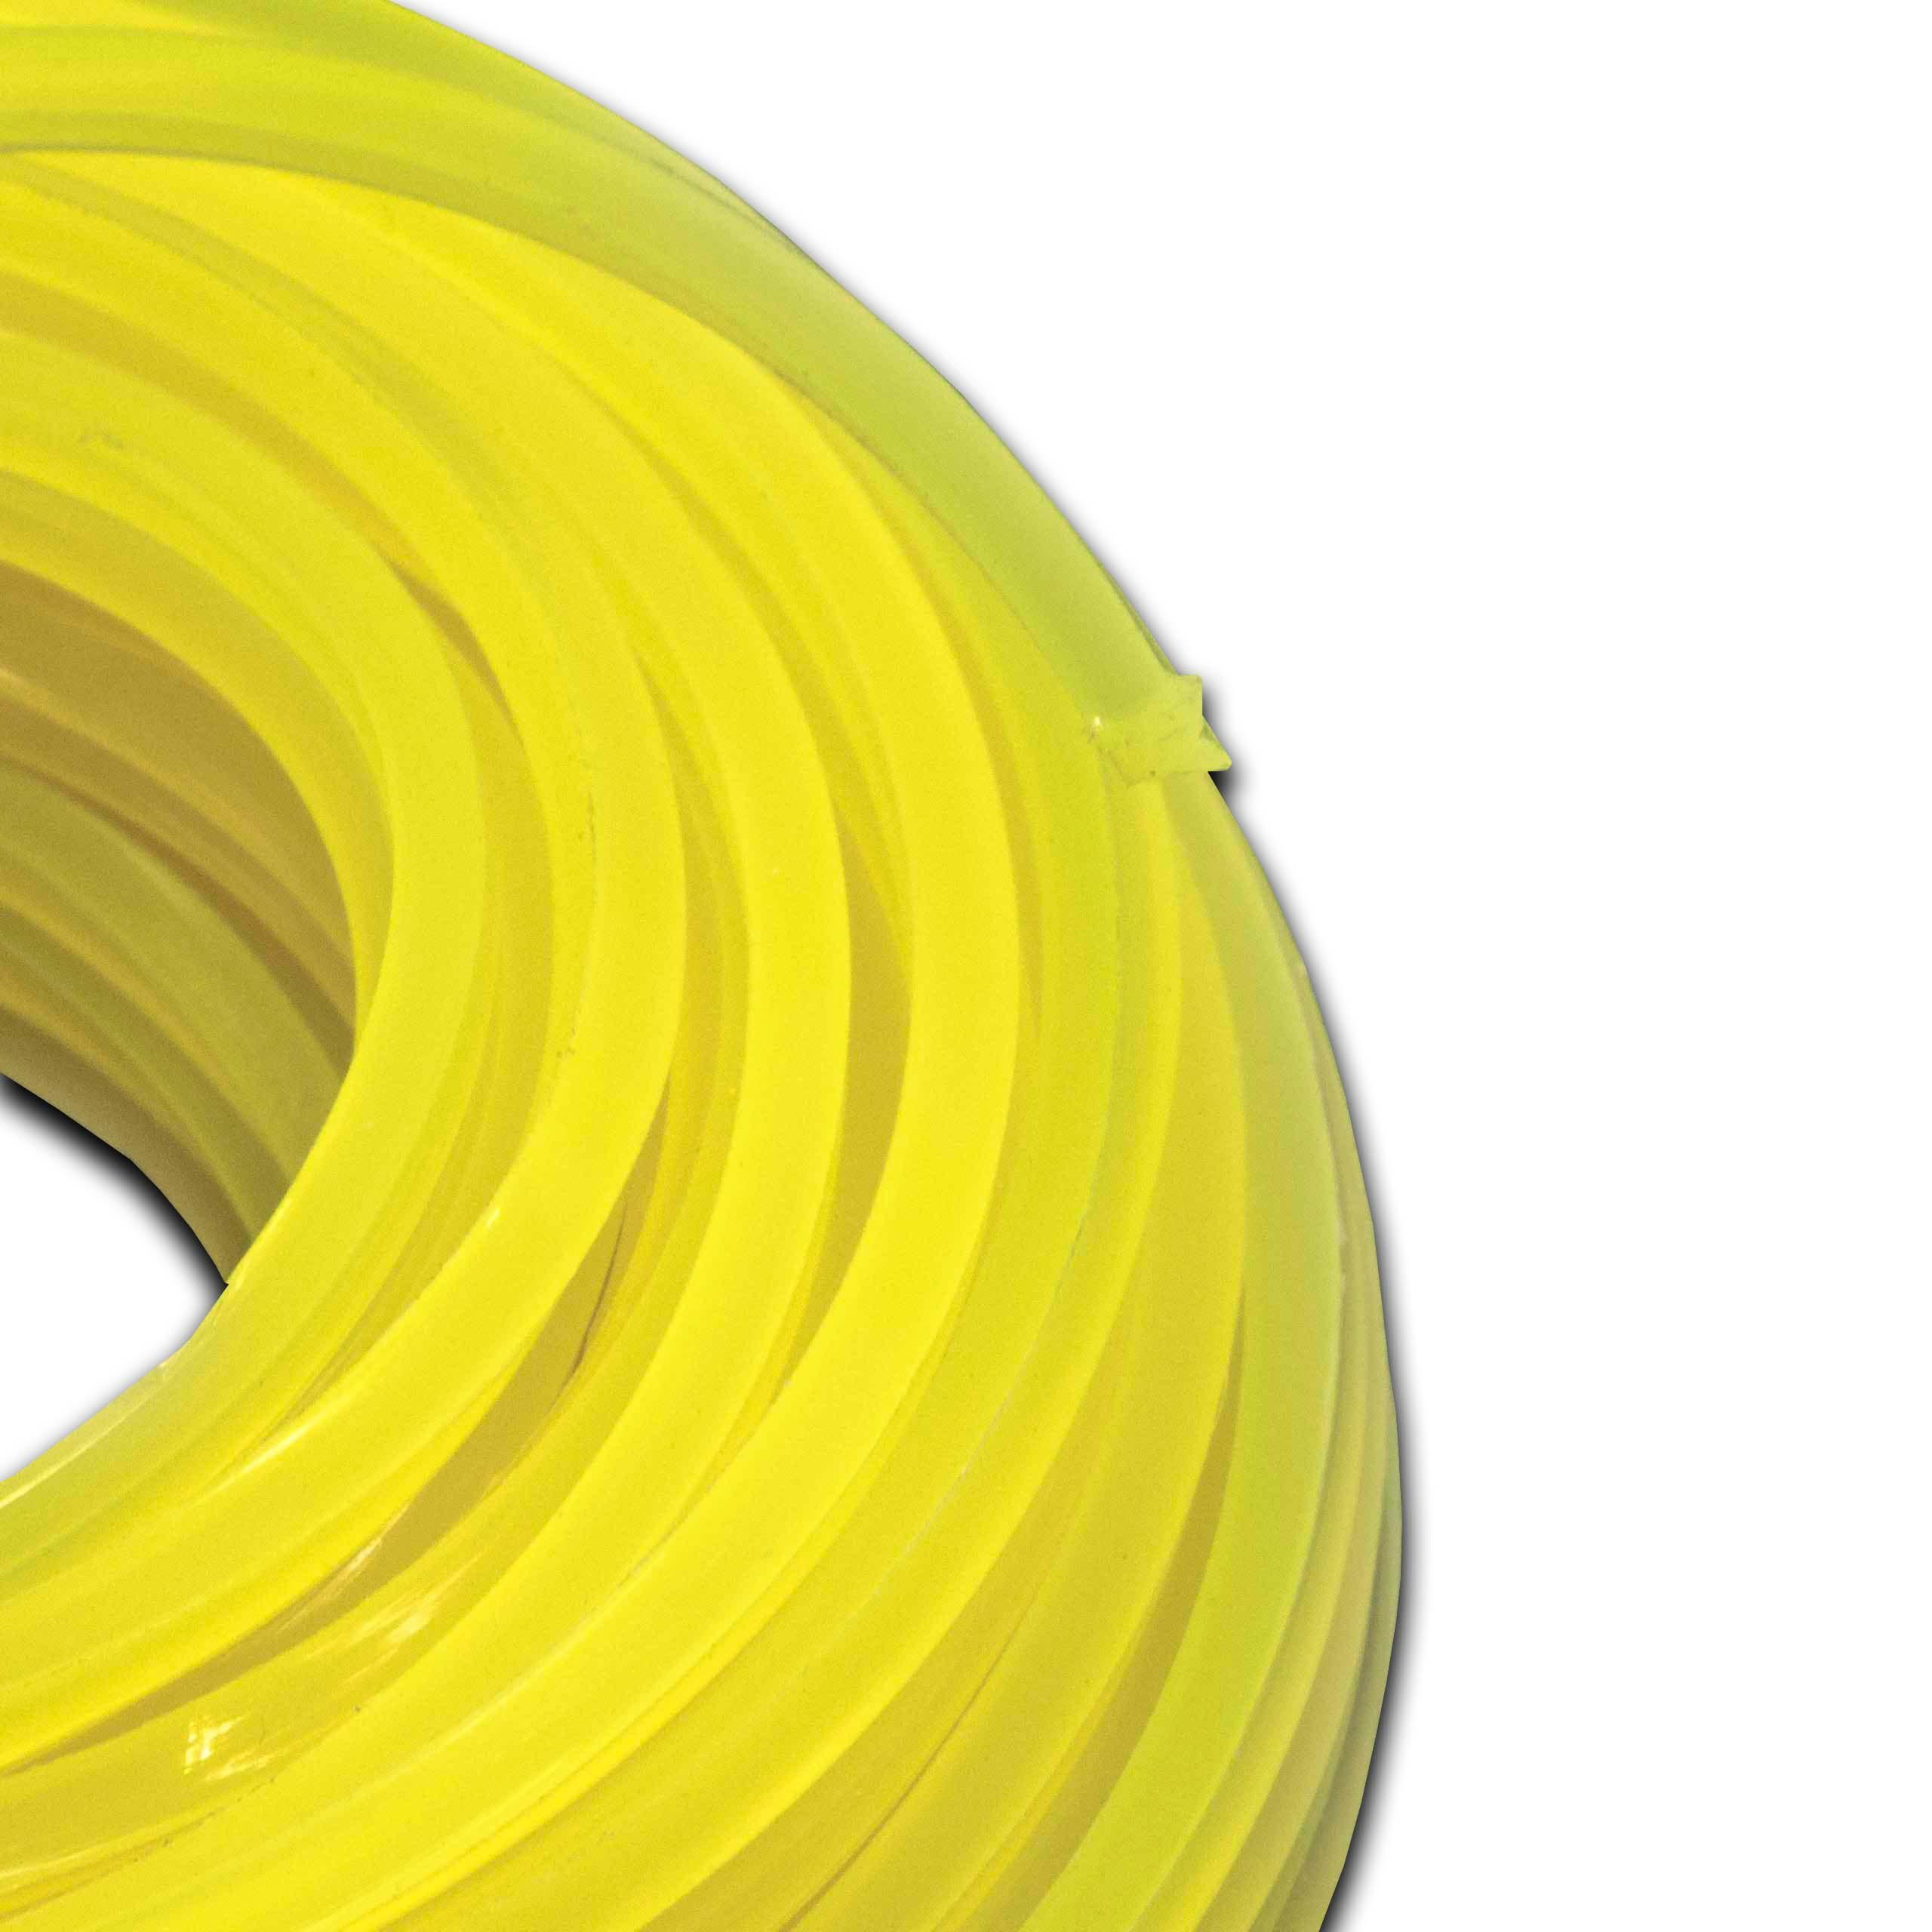 für Stihl Ersatzfaden Mähfaden für Rasentrimmer 2,4mm x 15m gelb Makita